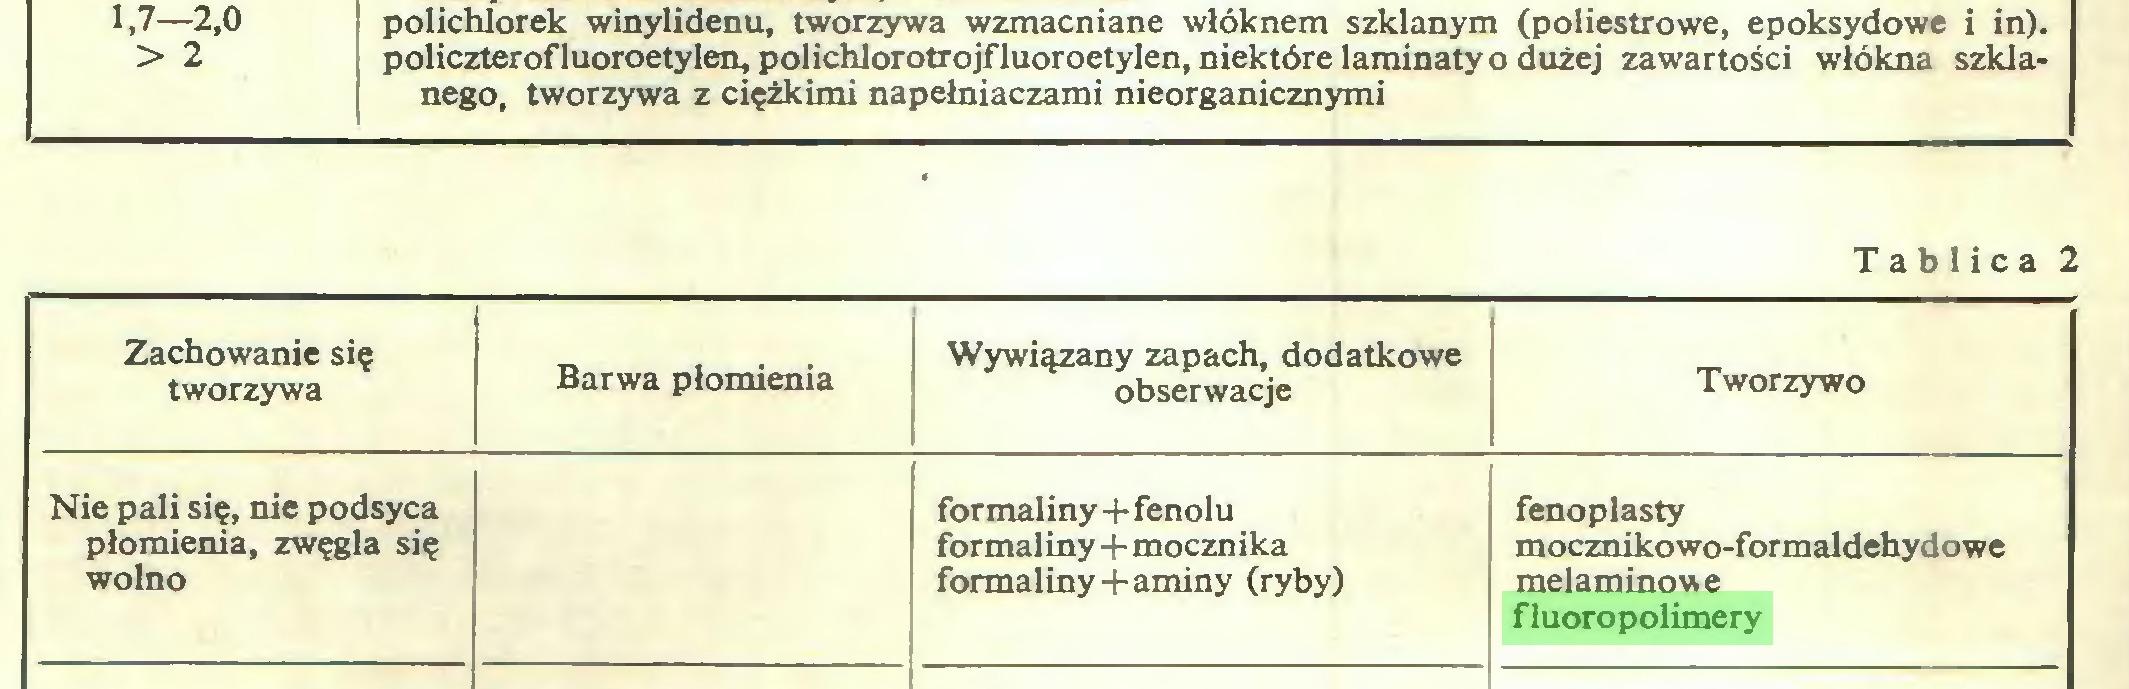 (...) polichlorek winylidenu, tworzywa wzmacniane włóknem szklanym (poliestrowe, epoksydowe i in). policzterofluoroetylen, polichlorotrojfluoroetylen, niektóre laminaty o dużej zawartości włókna szklanego, tworzywa z ciężkimi napełniaczami nieorganicznymi Tablica 2 Zachowanie się tworzywa Barwa płomienia Wywiązany zapach, dodatkowe obserwacje Tworzywo Nie pali się, nie podsyca płomienia, zwęgla się wolno formaliny+fenolu formaliny+mocznika formaliny+aminy (ryby) fenoplasty mocznikowo-formaldehydowe melaminowe fluoropolimery...